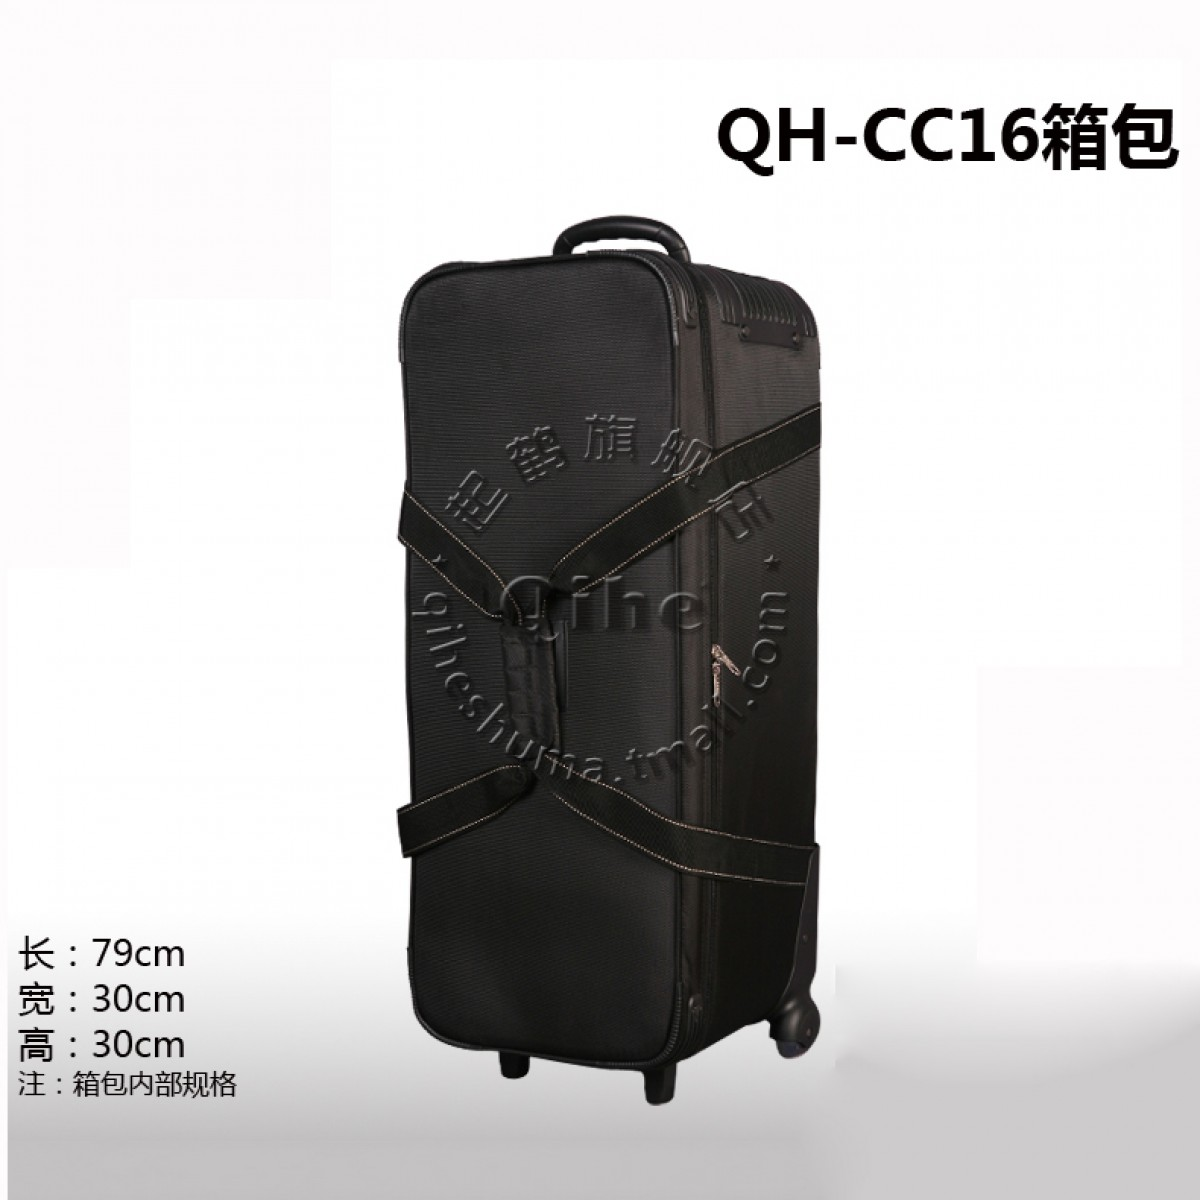 Qihe起鹤牌QH-CC16影楼箱包 器材箱